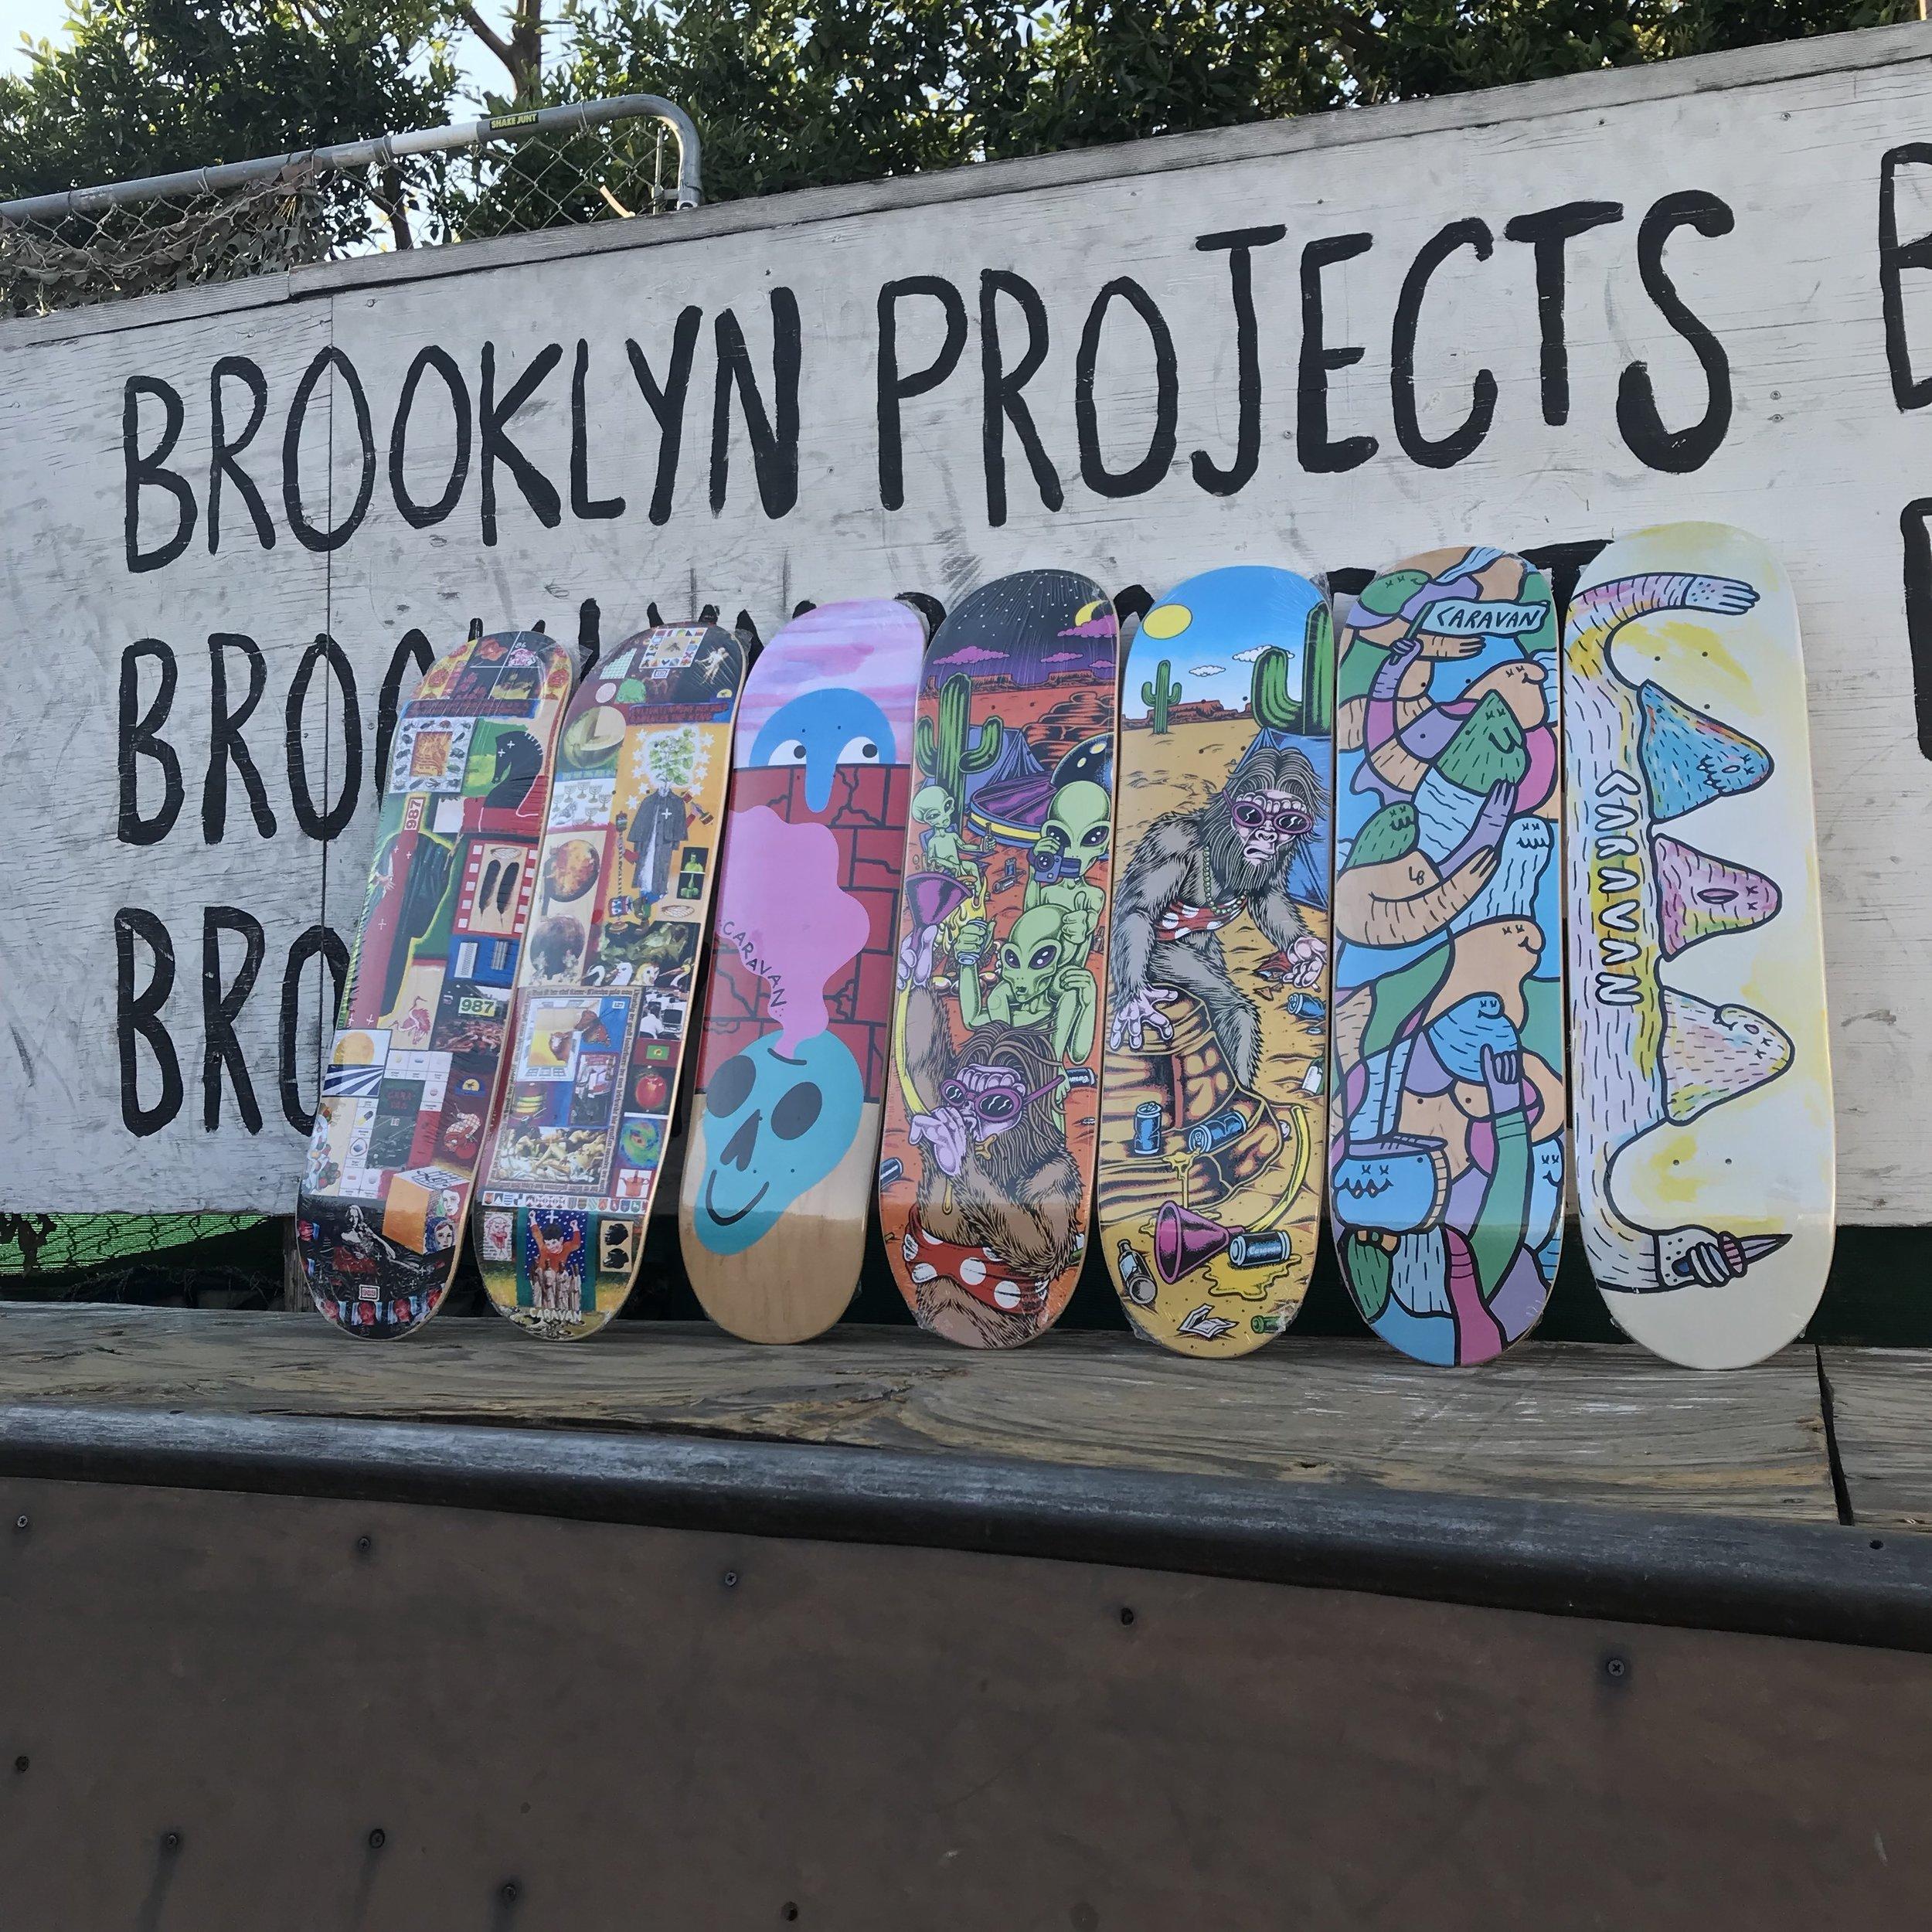 BrooklynProjects-Skateboards.jpeg